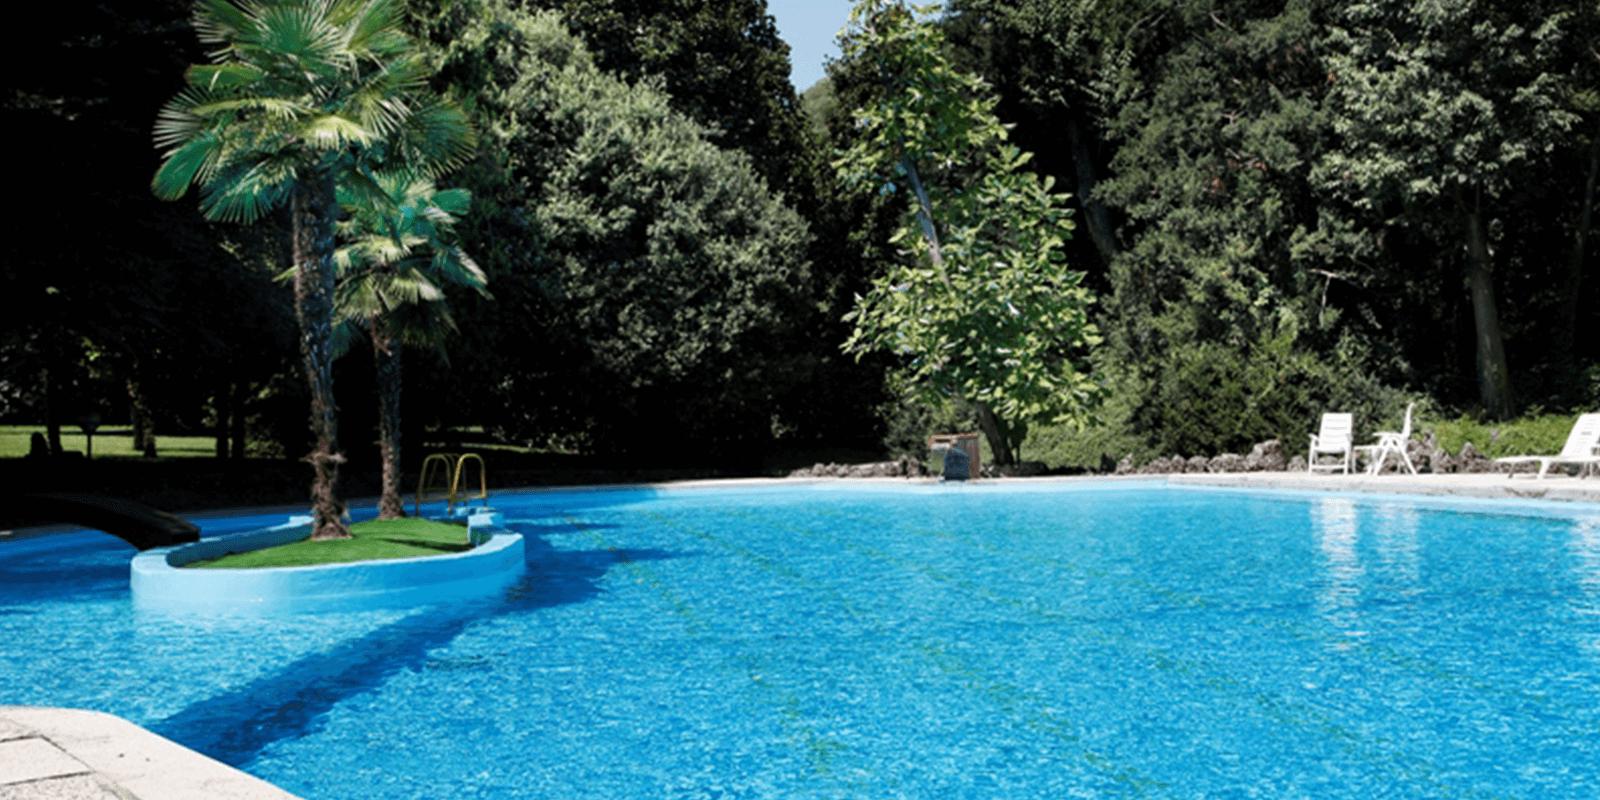 Piscina eventi aziendali milano location per matrimoni for Addobbi piscina per matrimonio